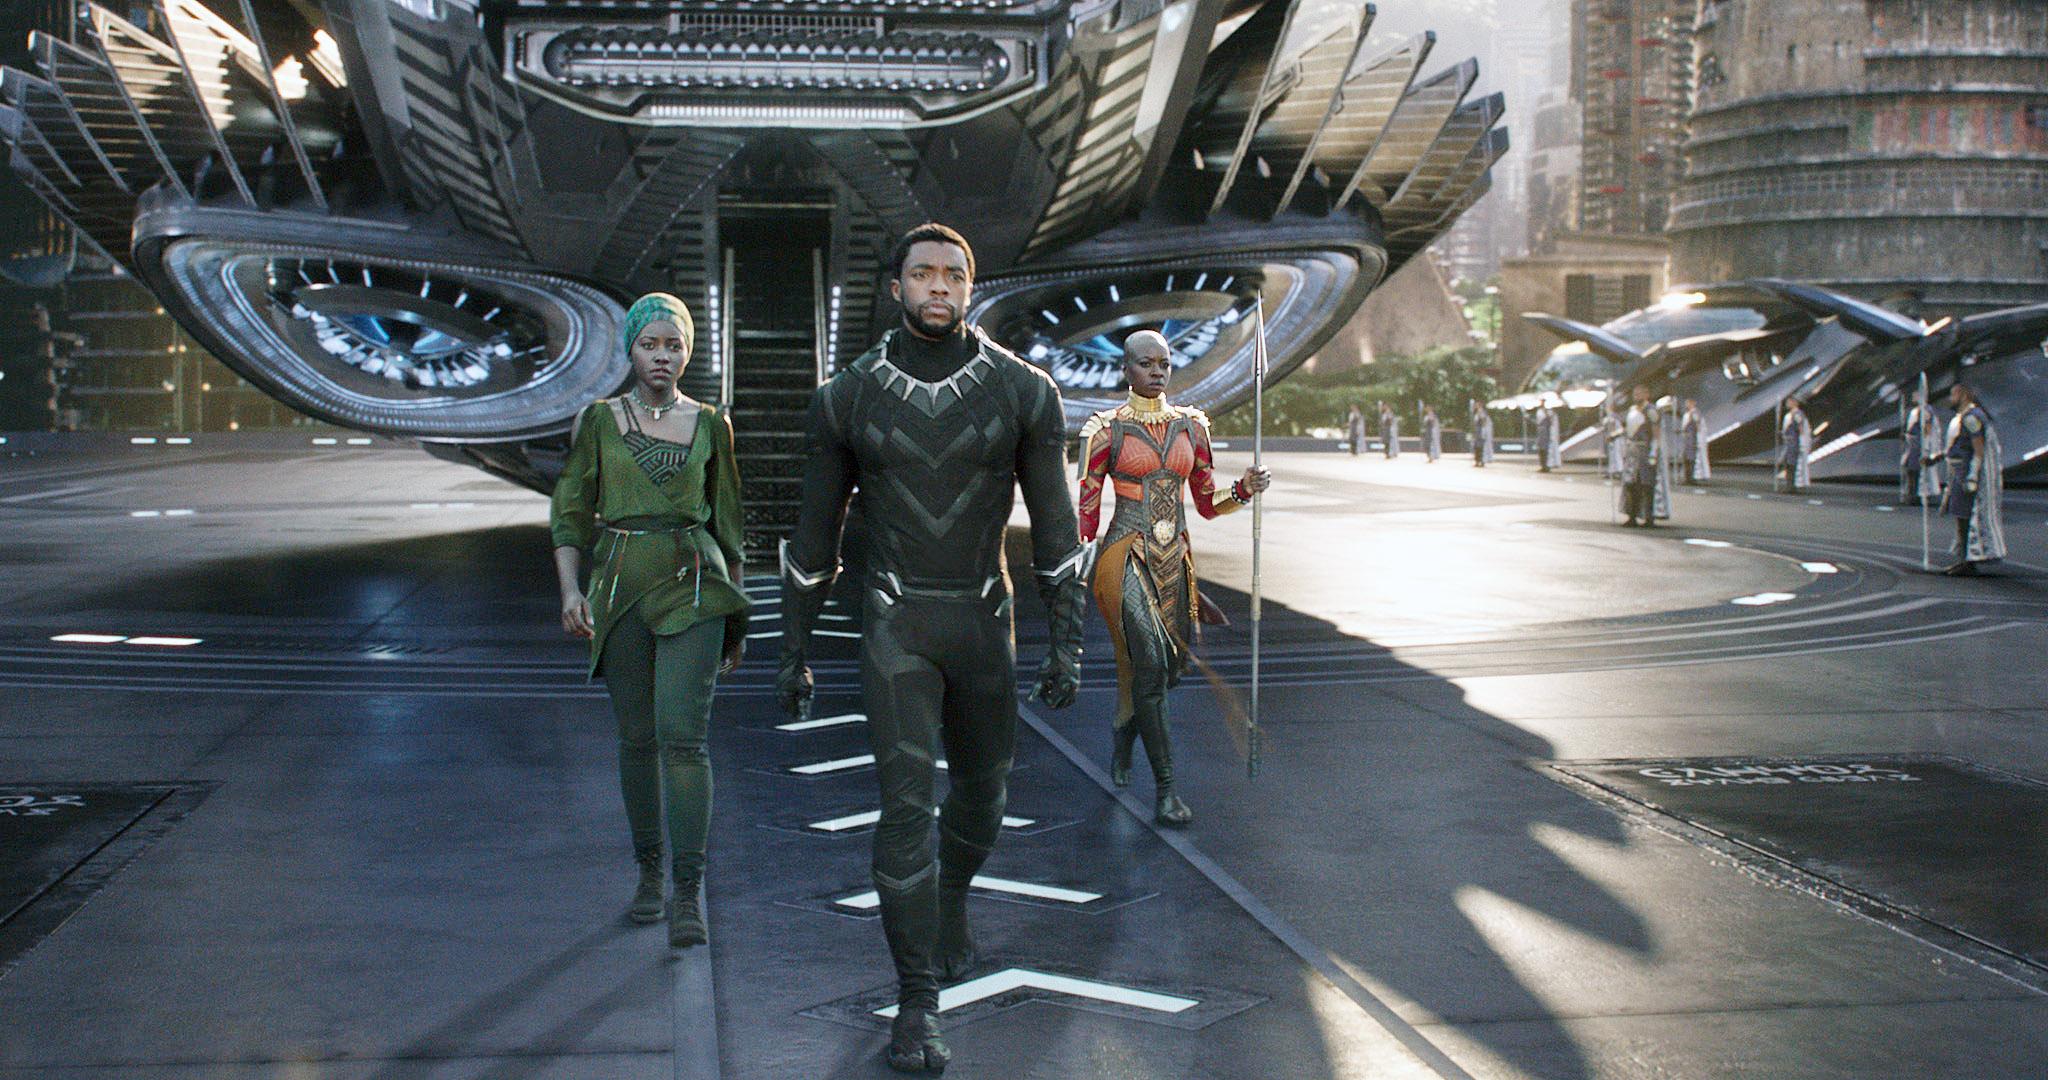 Black Panther. (Credit: Marvel/Walt Disney Studios Motion Pictures/Everett)